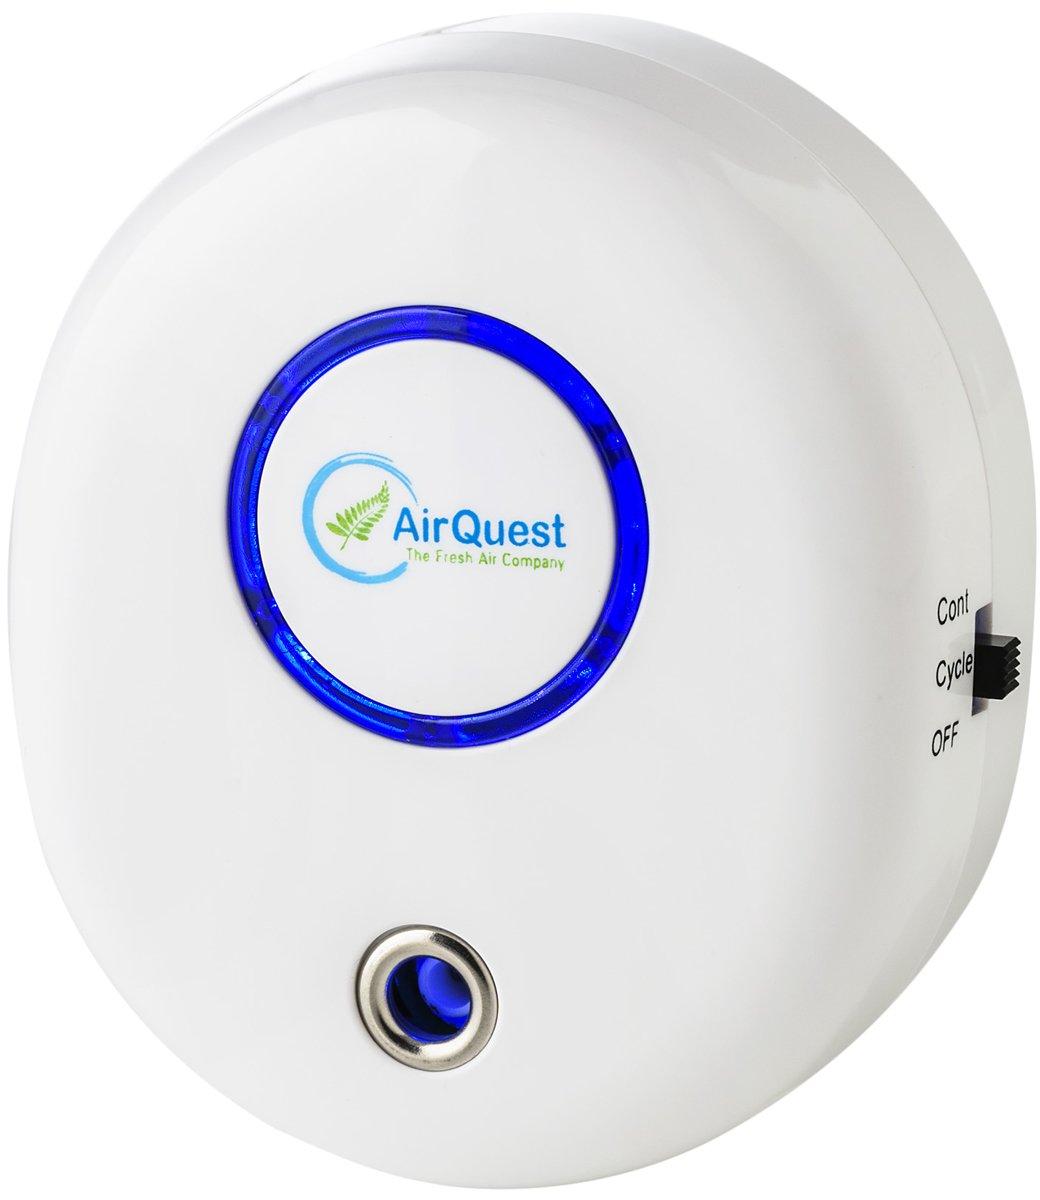 AirQuest ARQ-25W Air Purifiers image